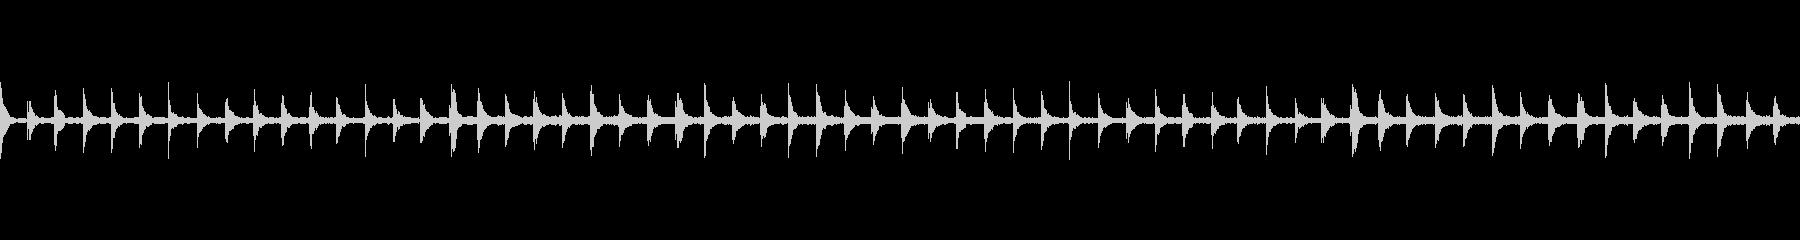 恐怖をあおるシロフォンの未再生の波形